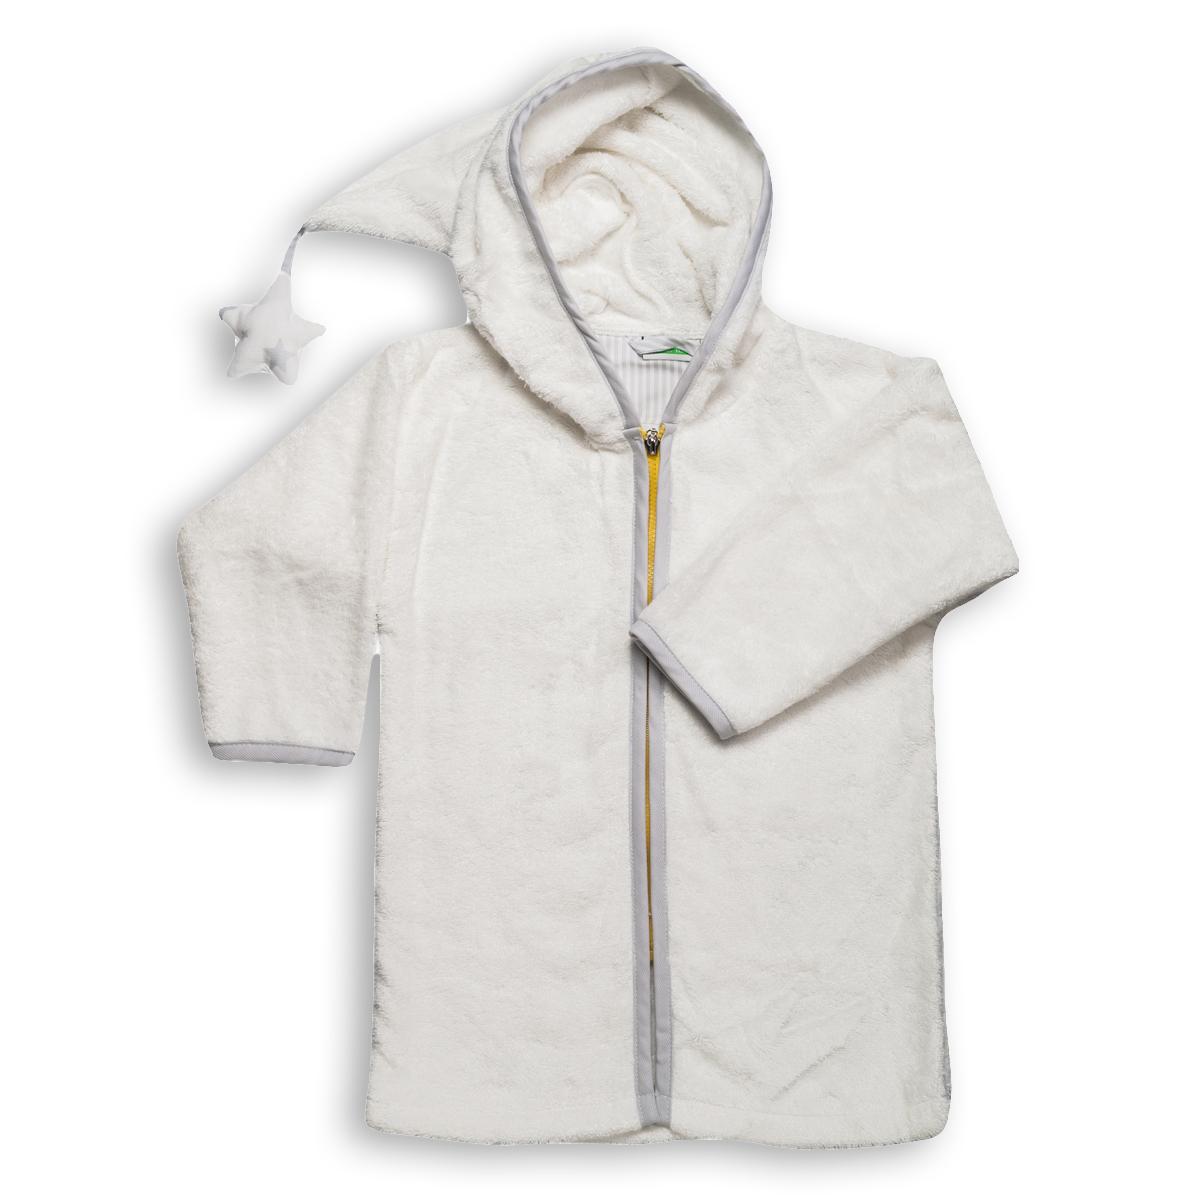 Βρεφικό Μπουρνούζι Mother Touch Basic Zipper Grey No02 No02